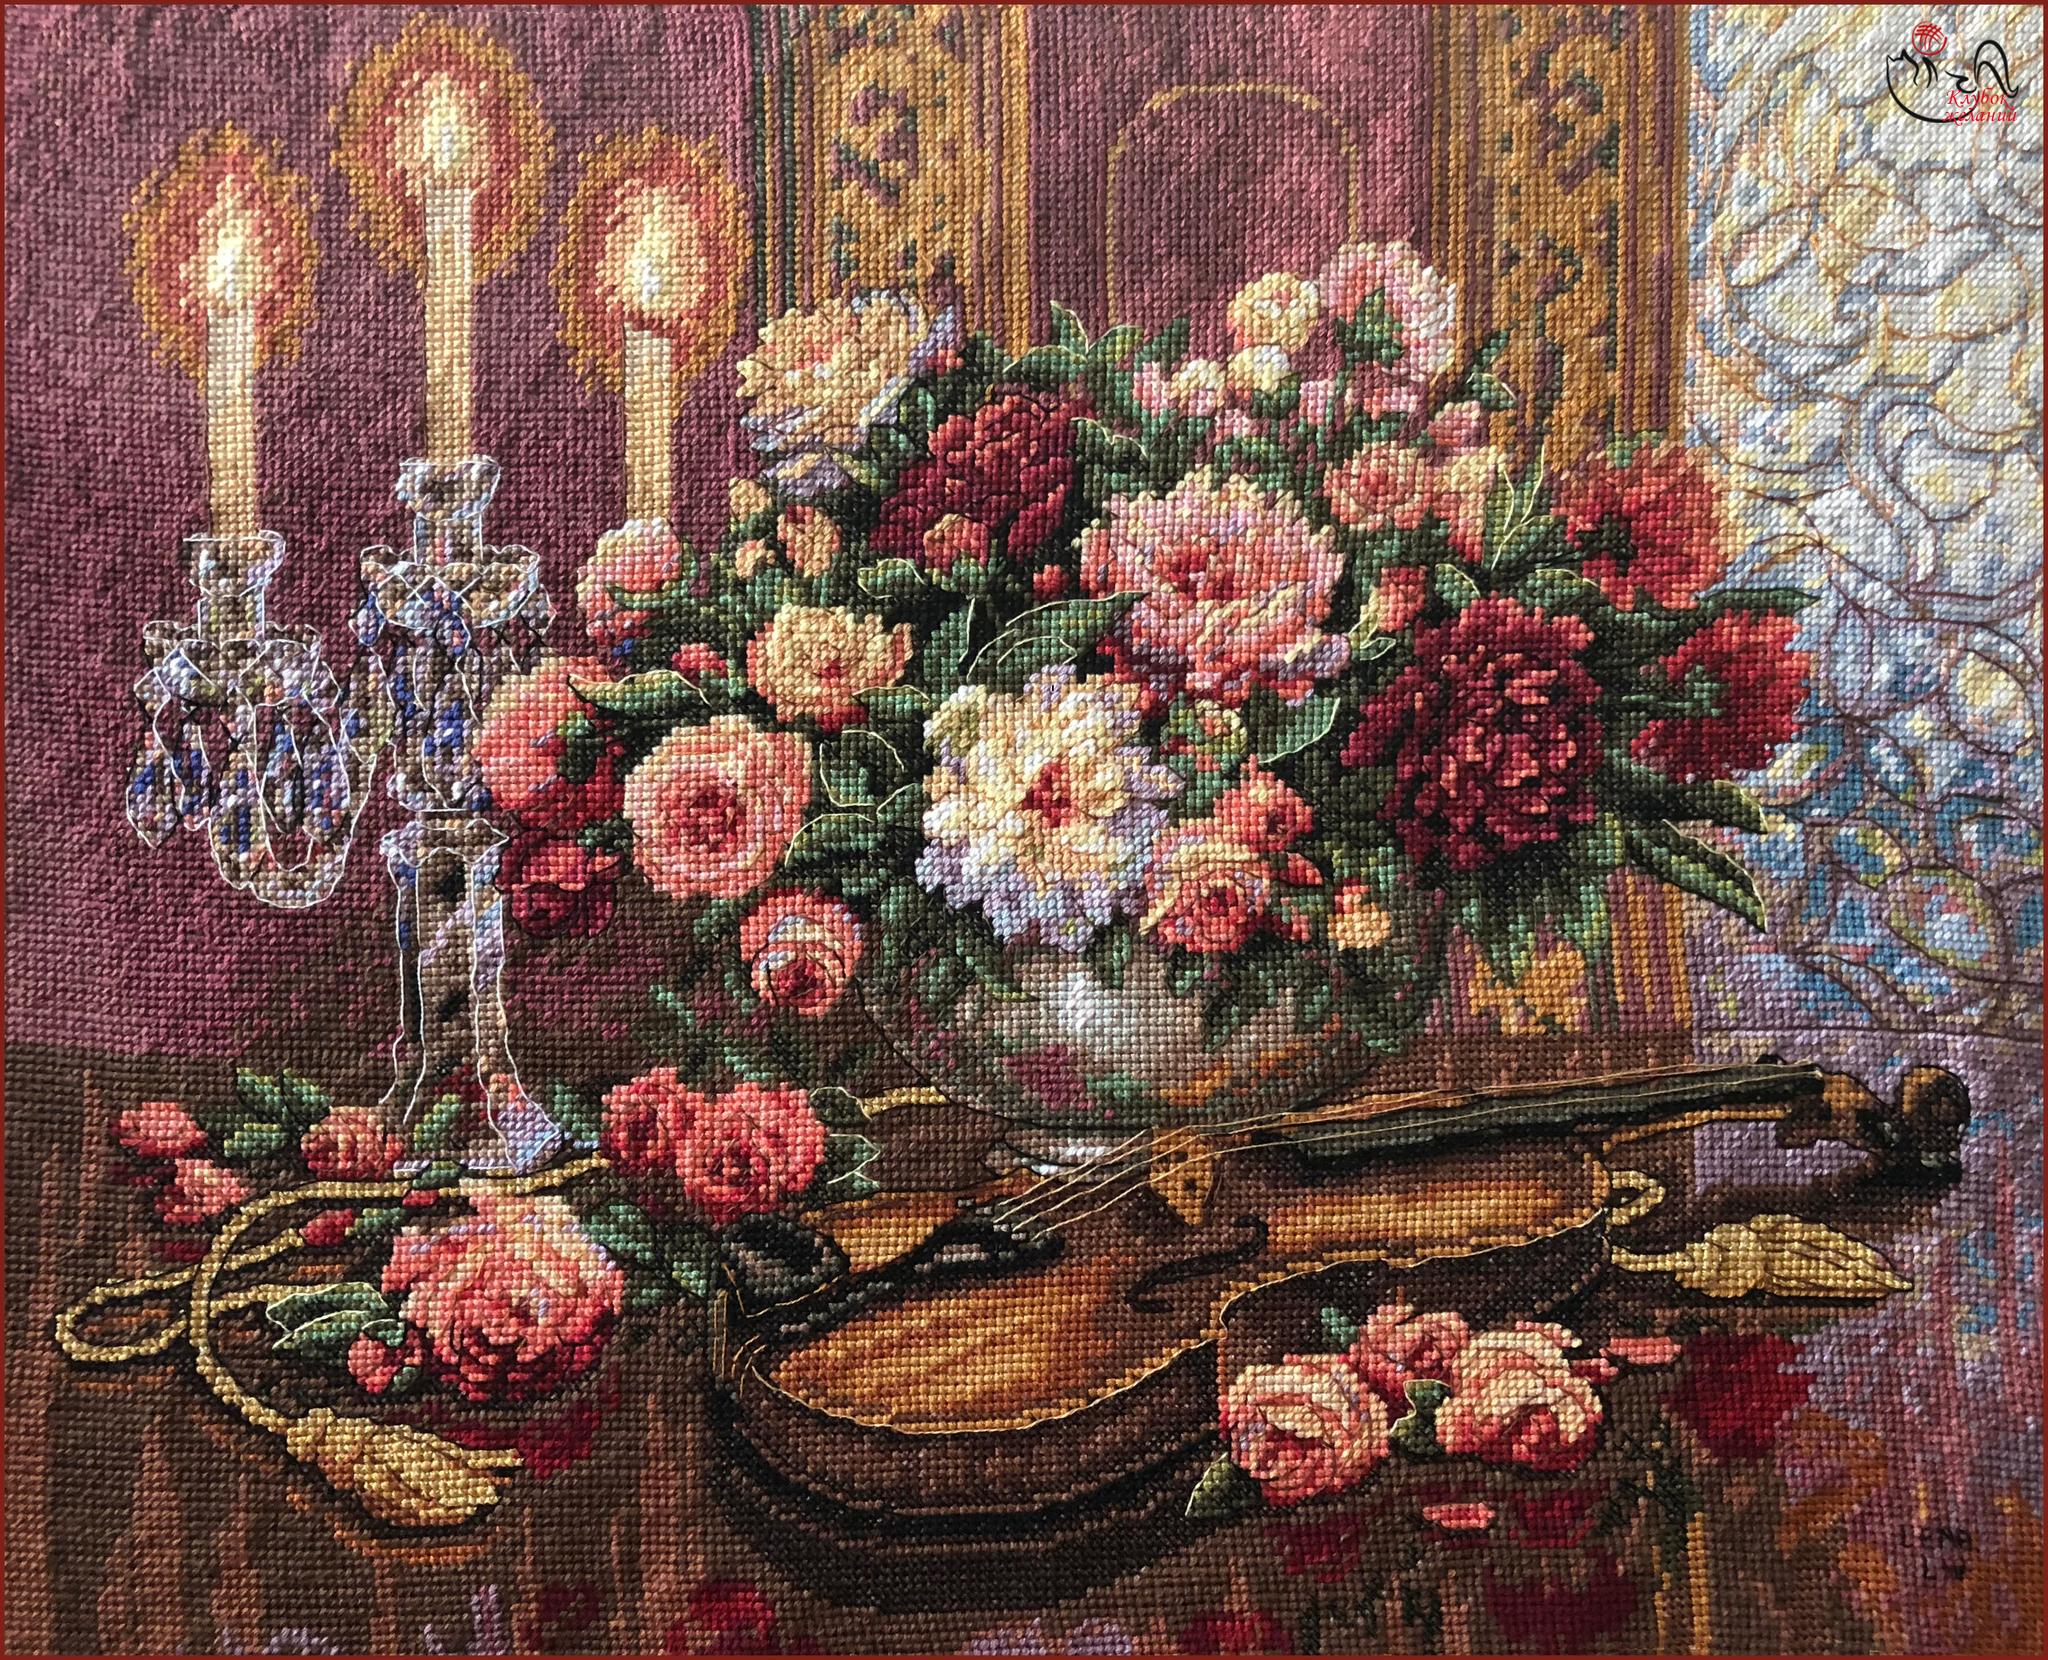 Набор для вышивания. Романтический букет. Арт. 3123